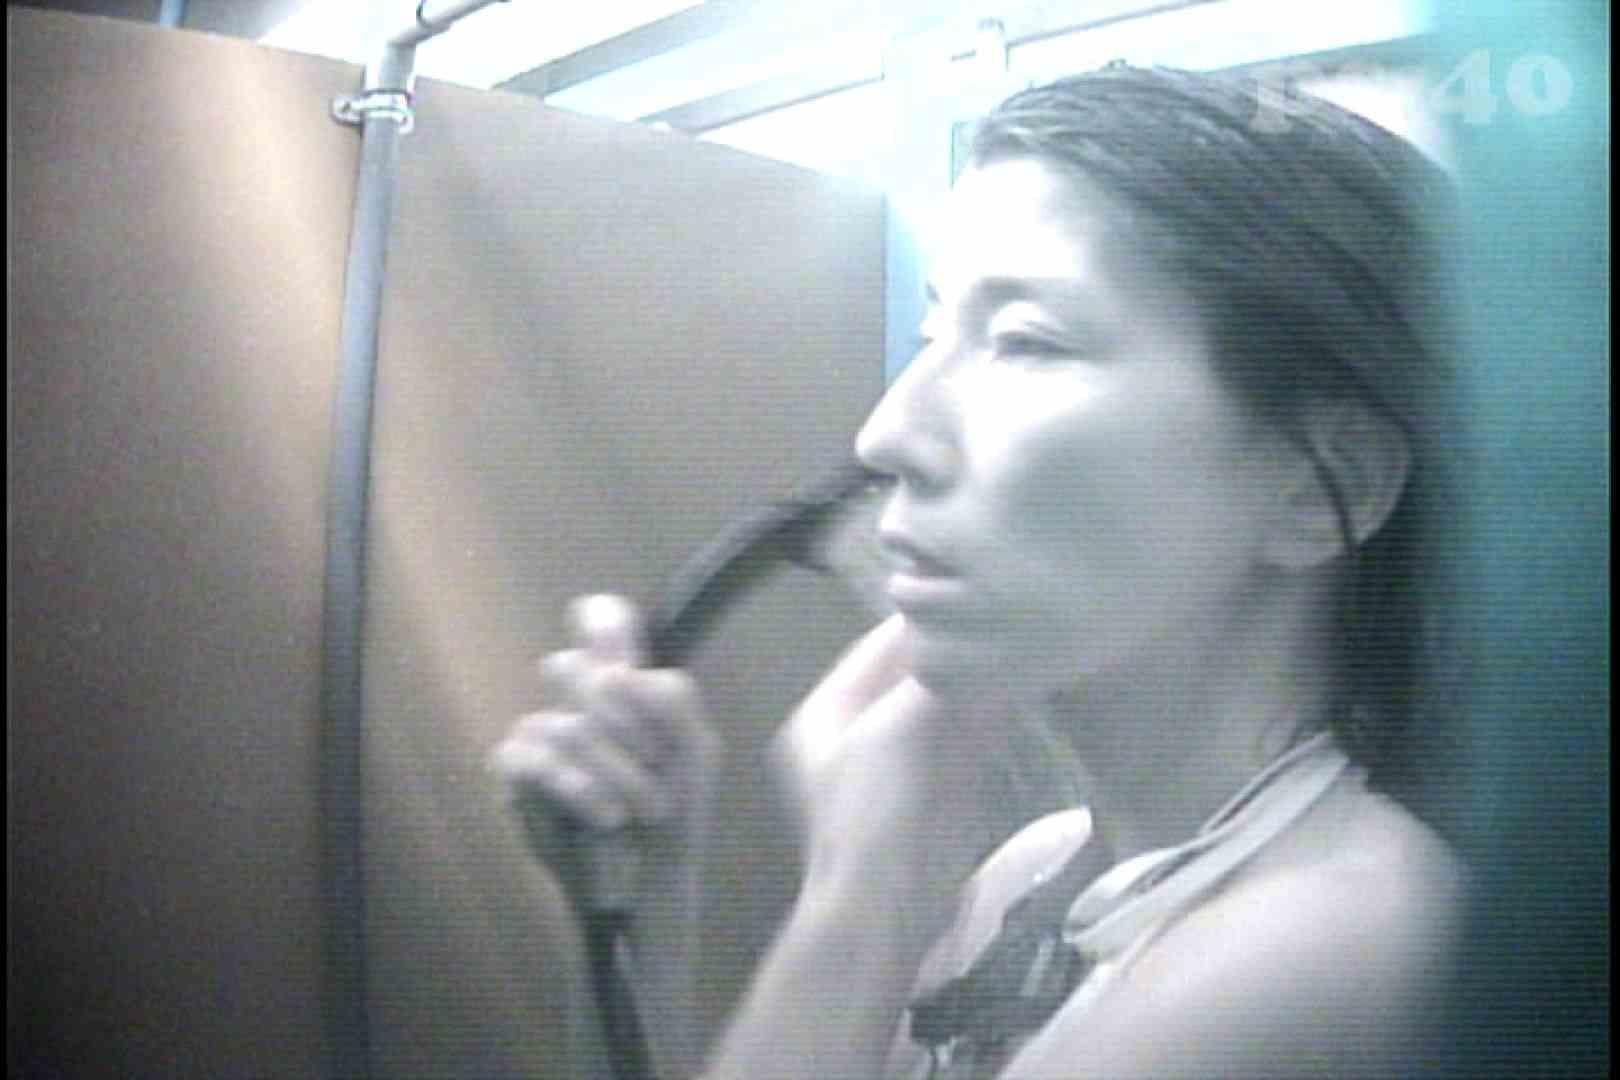 File.40 スレンダーお女市さんの一瞬見せるたれたおっぱい 垂れ乳 おまんこ動画流出 88画像 15